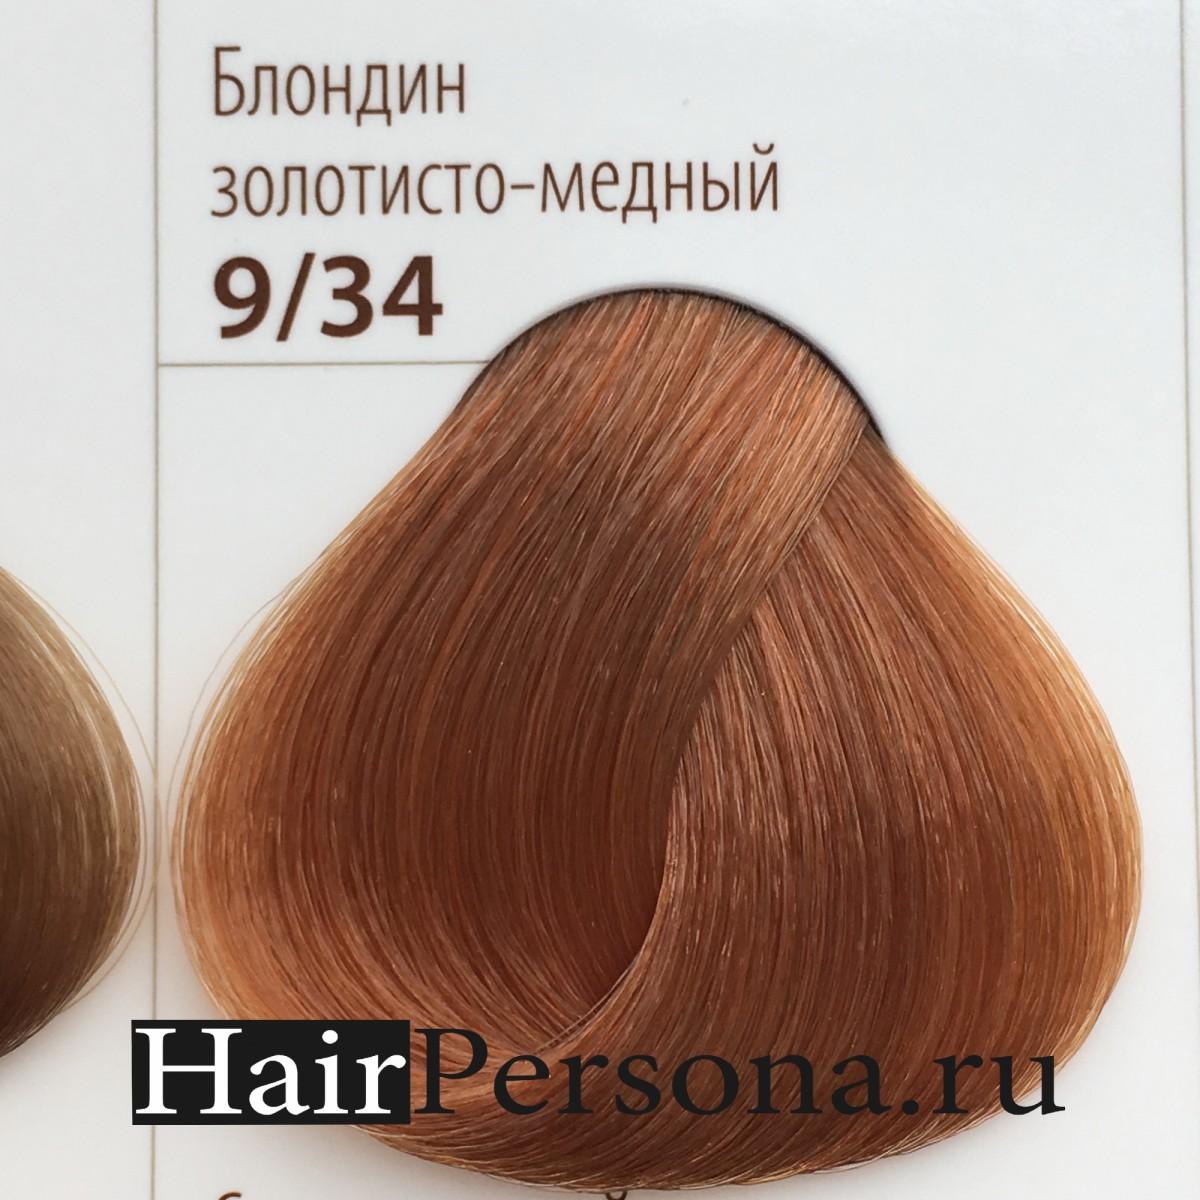 Седые волосы в зеркале сонник